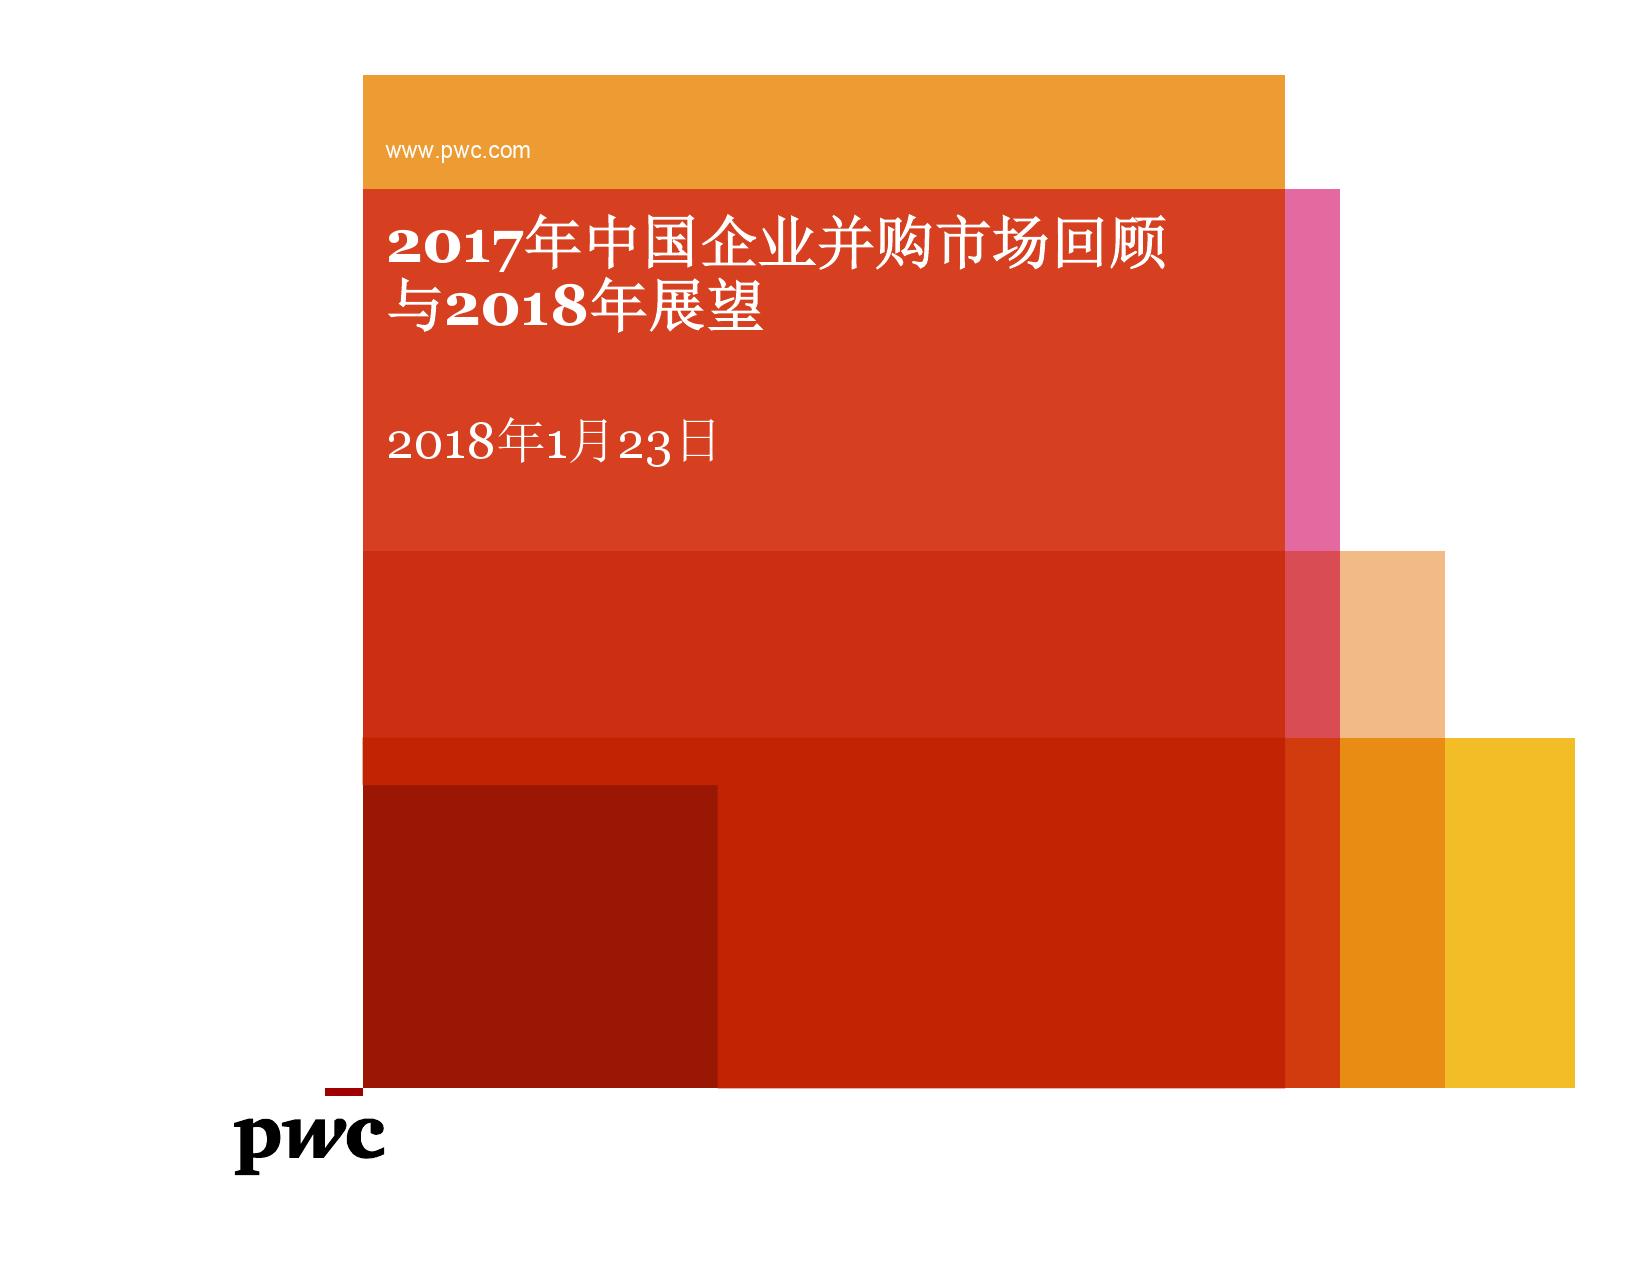 普华永道:中国企业并购市场2017年回顾与2018年展望